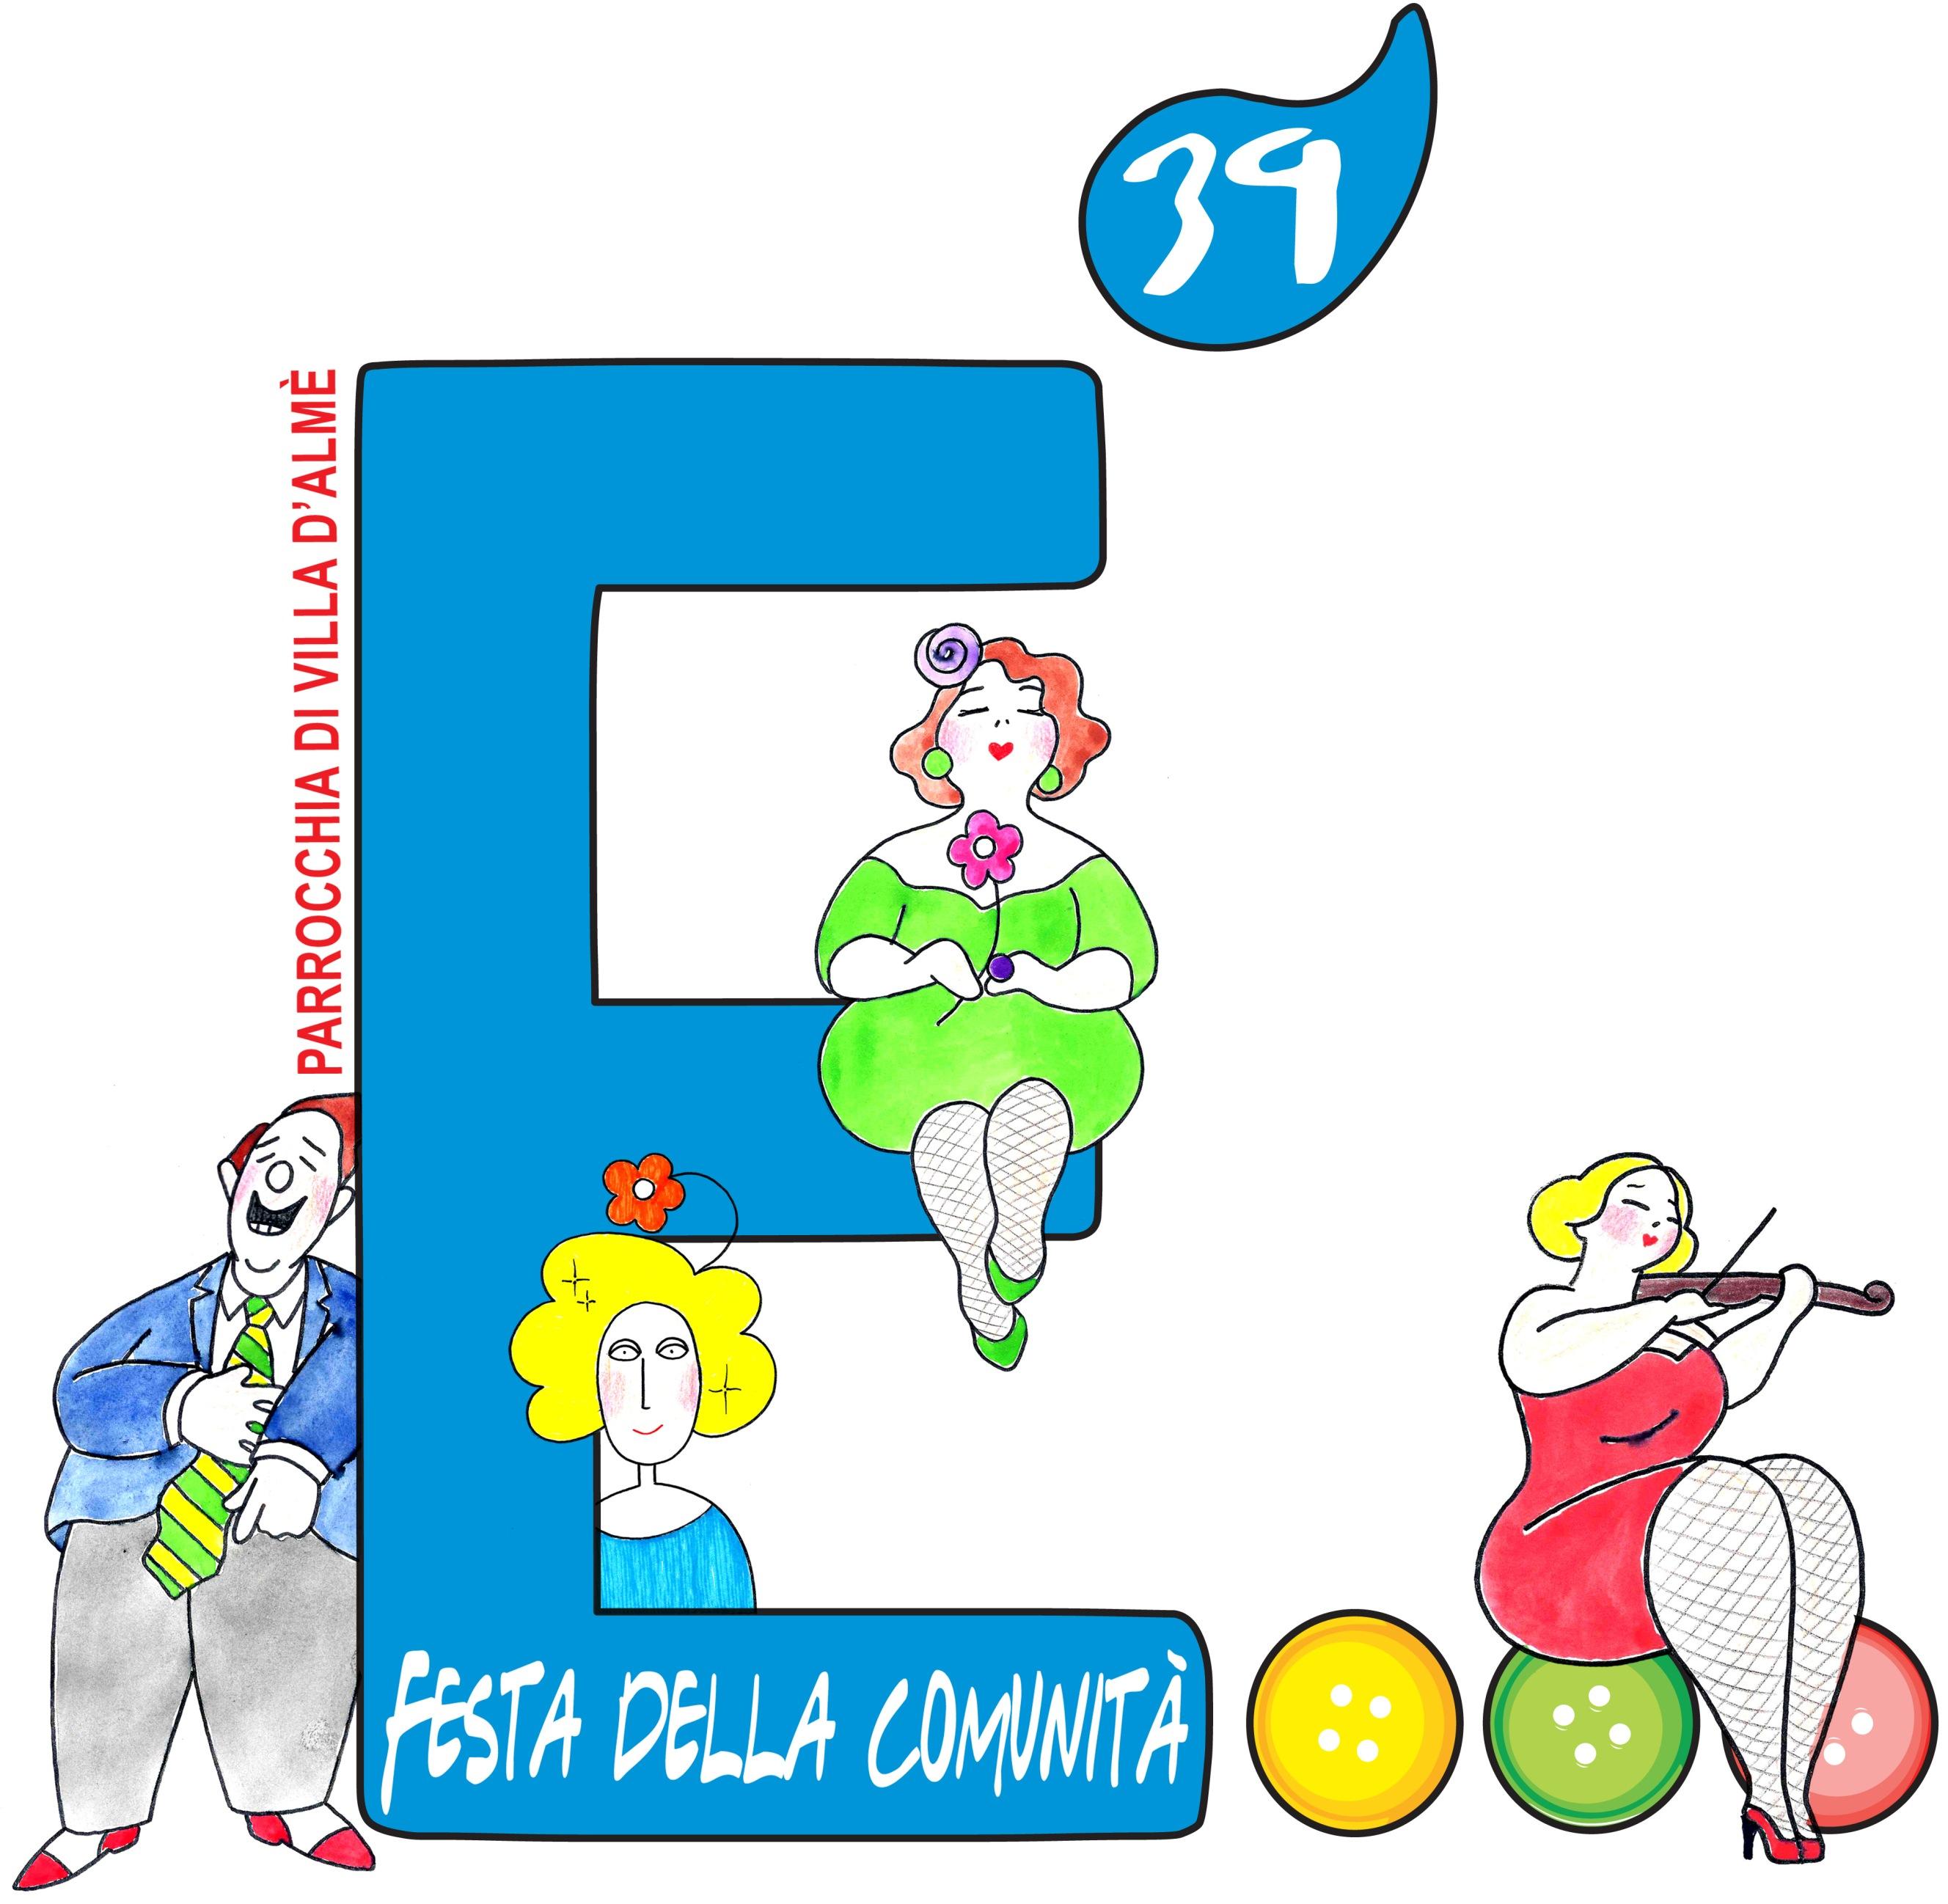 Festa della Comunità - Villa d'Almè